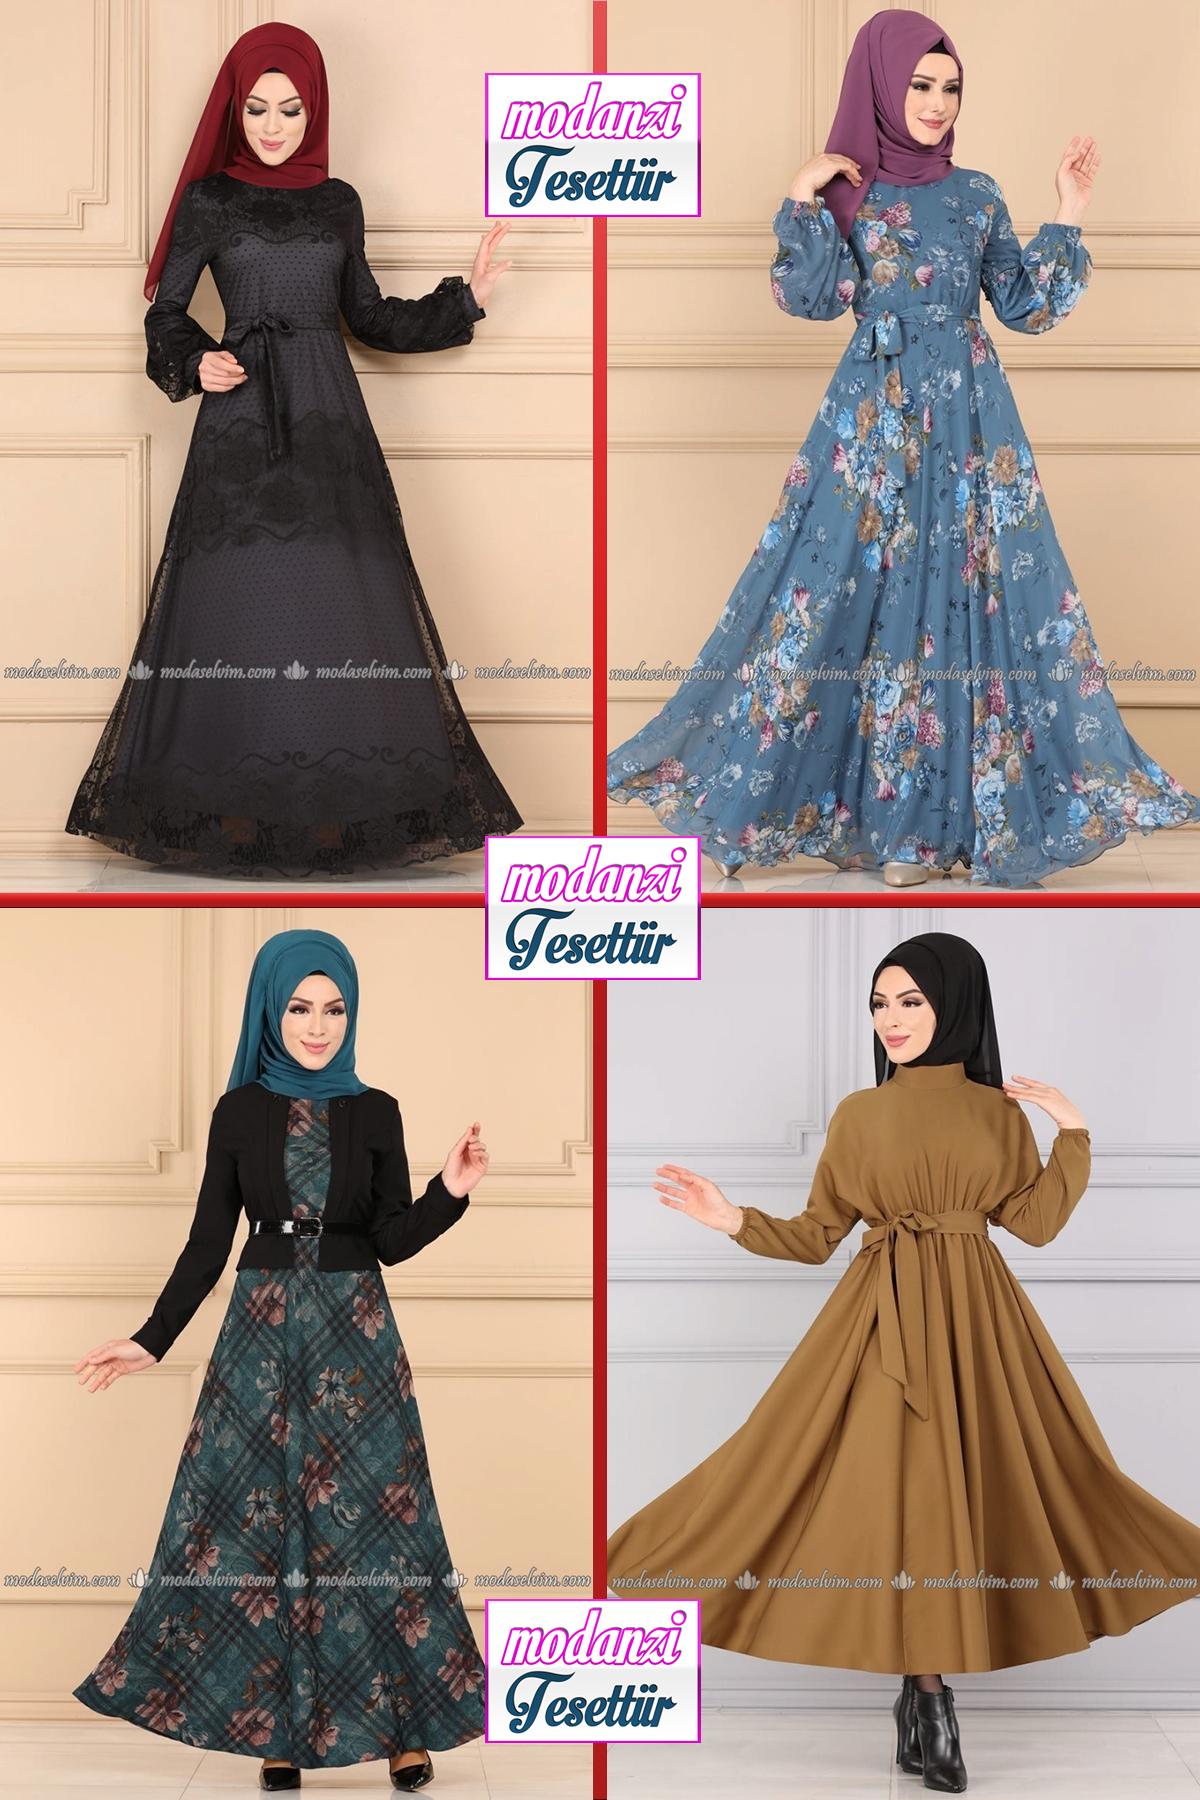 Modaselvim Buyuk Beden Elbise Modelleri 2 2020 Yaz Tesettur Elbise Plus Size Dresses 2020 Plus Size Dresses Elbise Elbise Modelleri